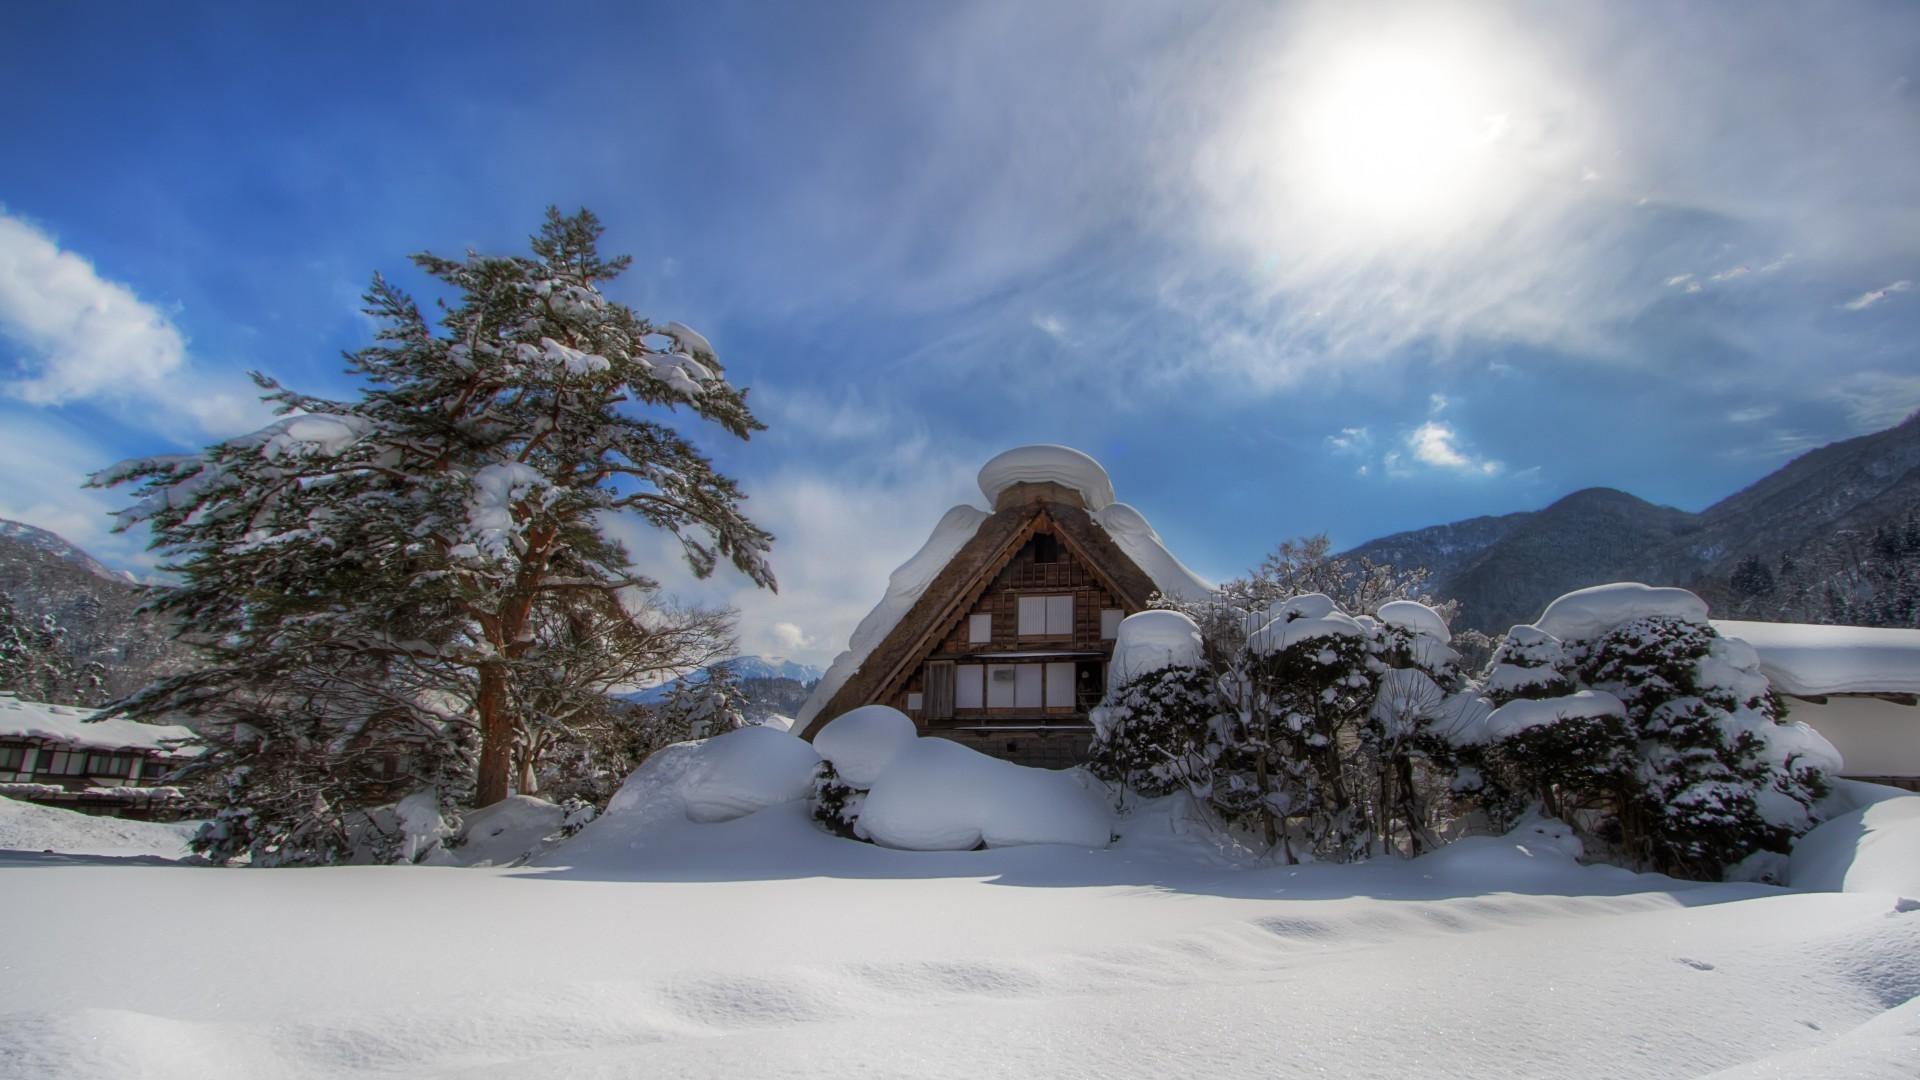 зимний пейзаж с виллой фото каждой